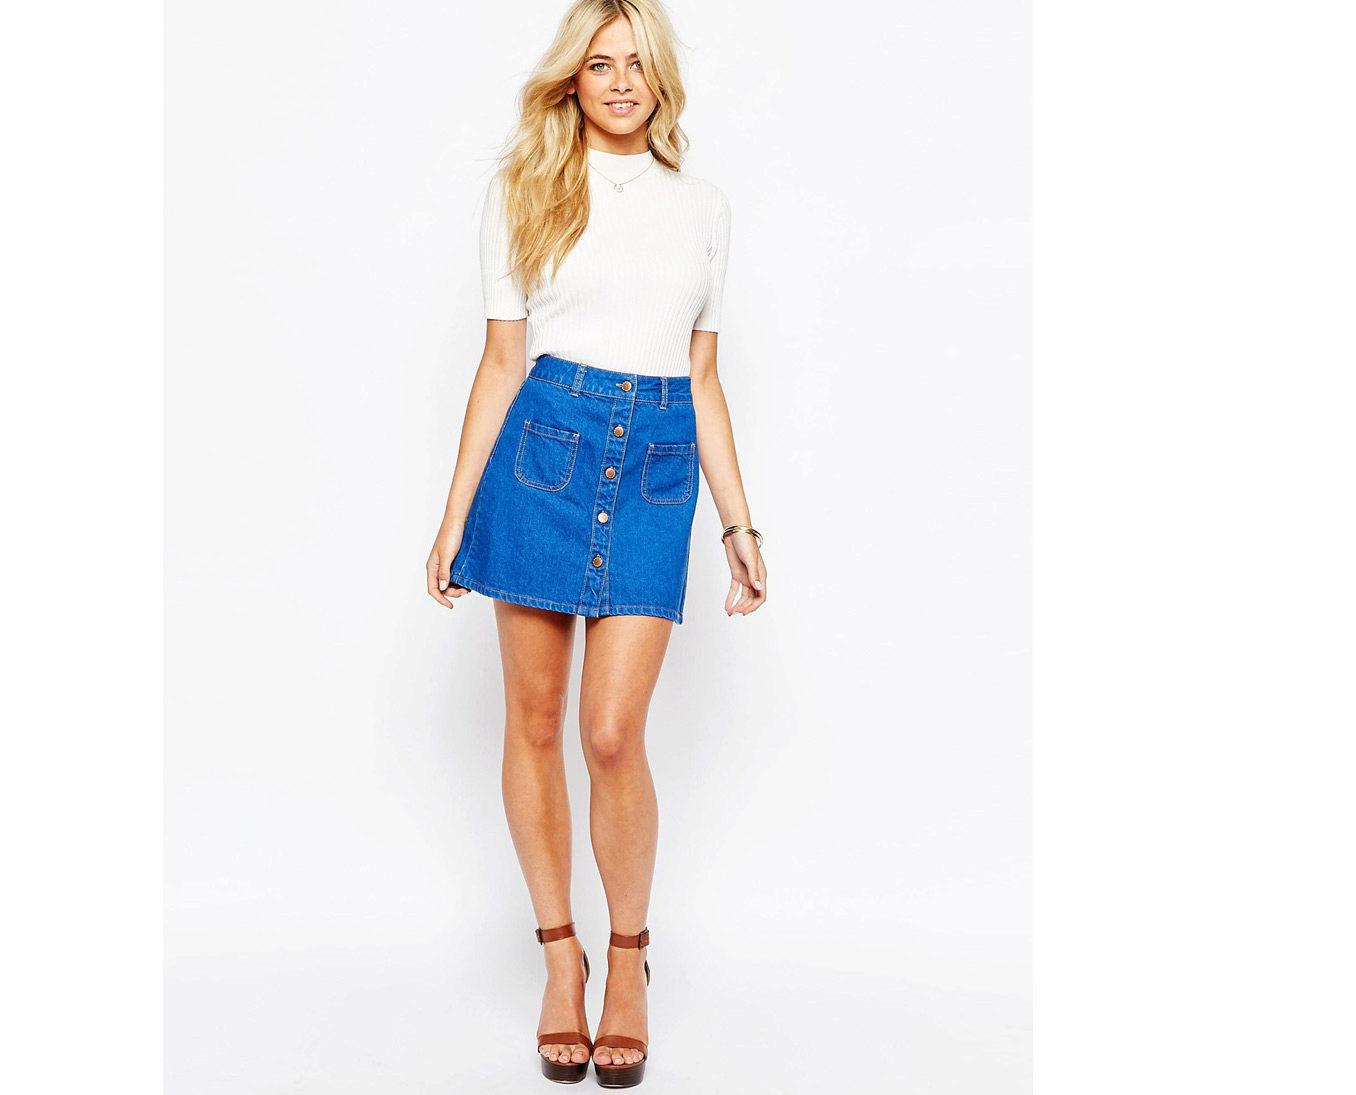 c8725f2a32c Джинсовые юбки (107 фото)  с чем носить